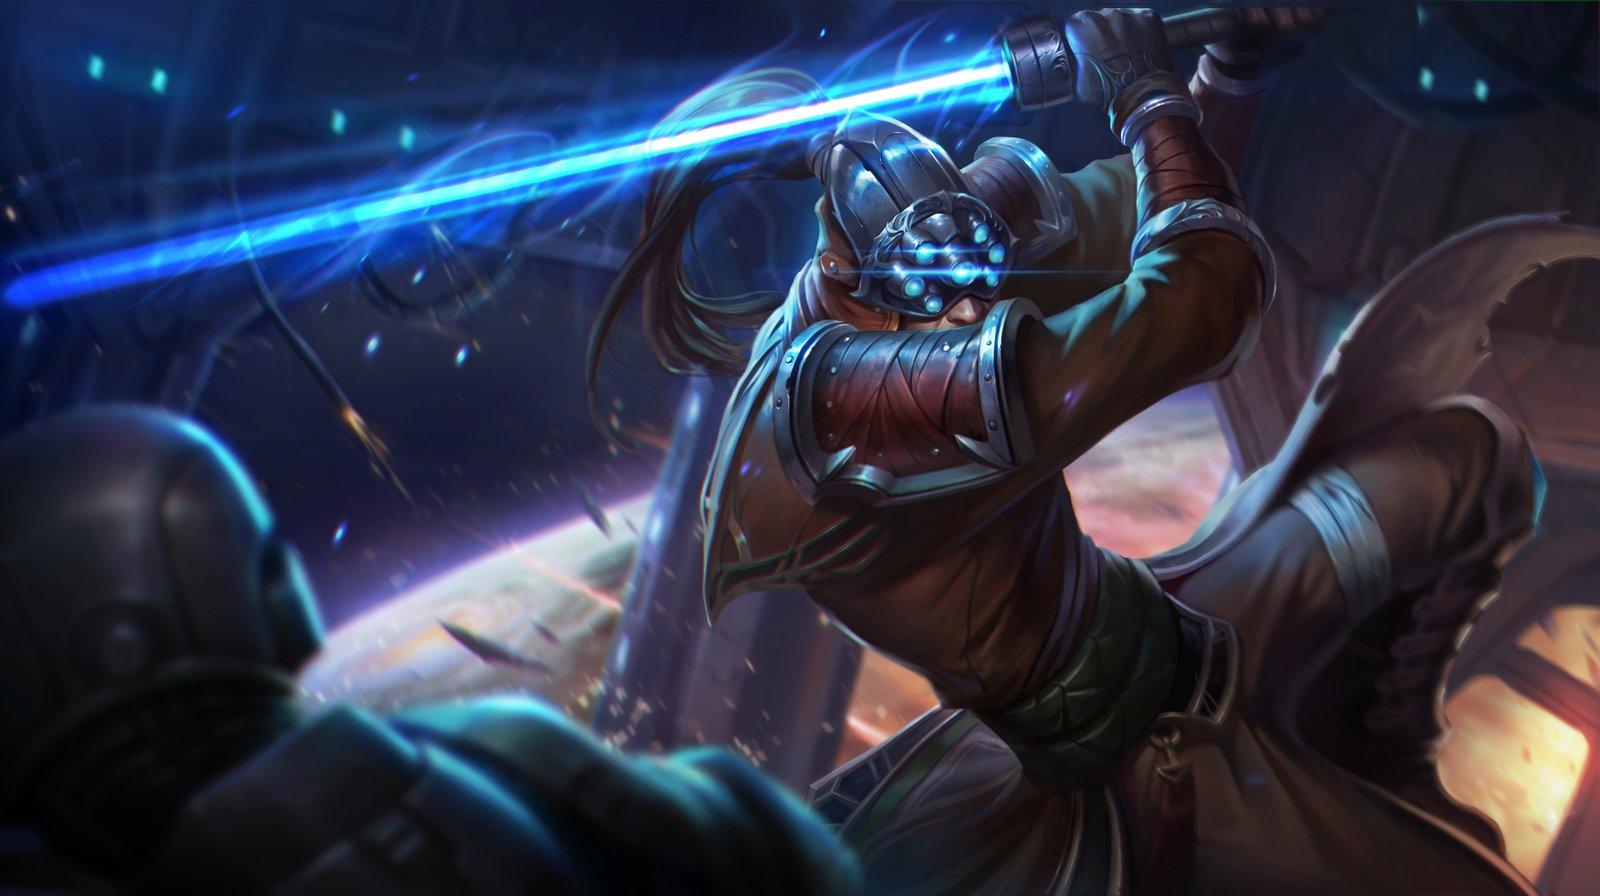 Chosen Master Yi Wallpapers Fan Arts League Of Legends Lol